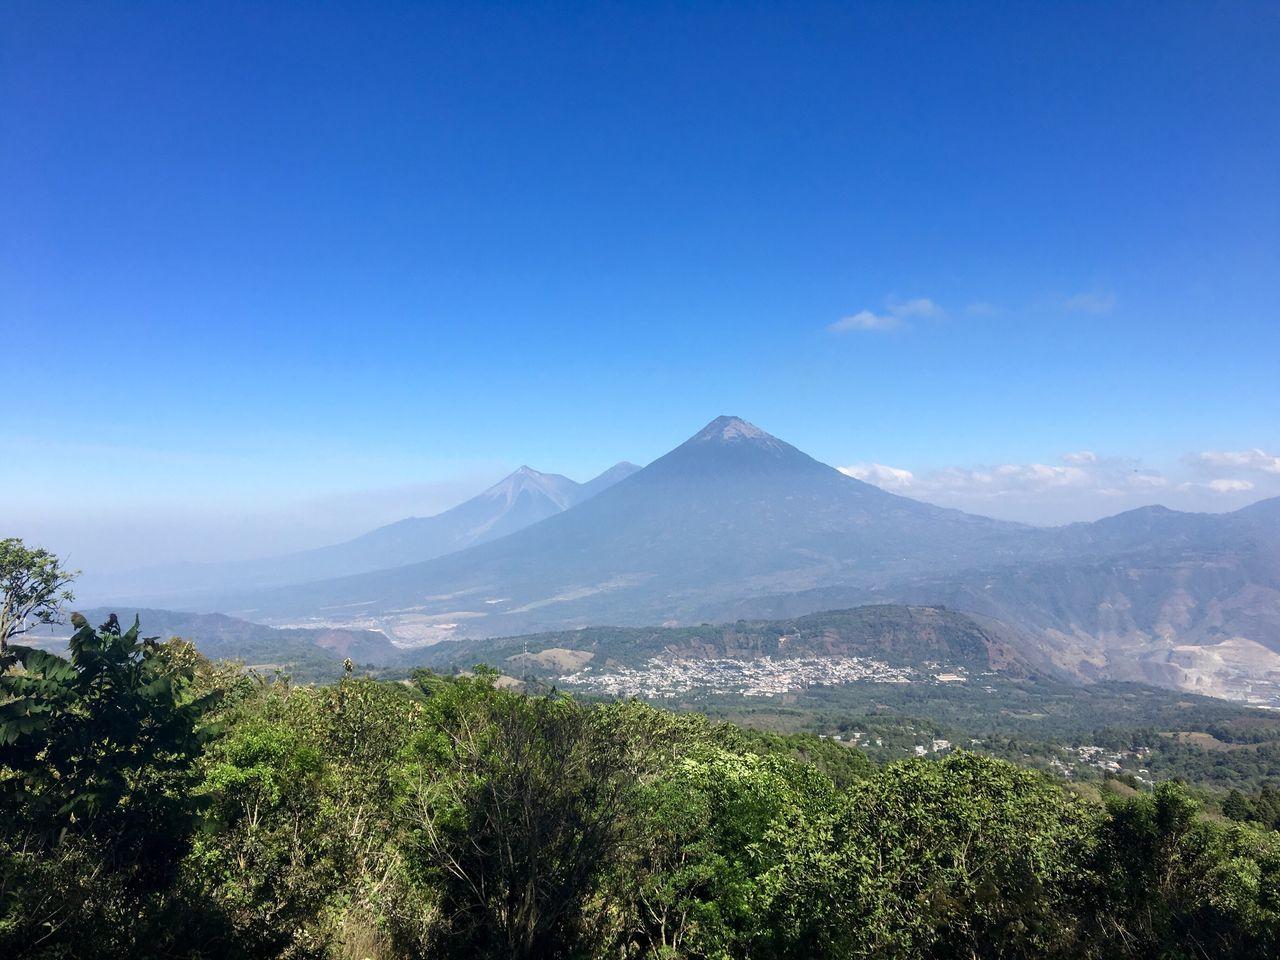 Volcan De Agua Volcán Acatenango Volcan De Fuego Acatenango Guatemala Volcán Pacaya Pacaya Nature